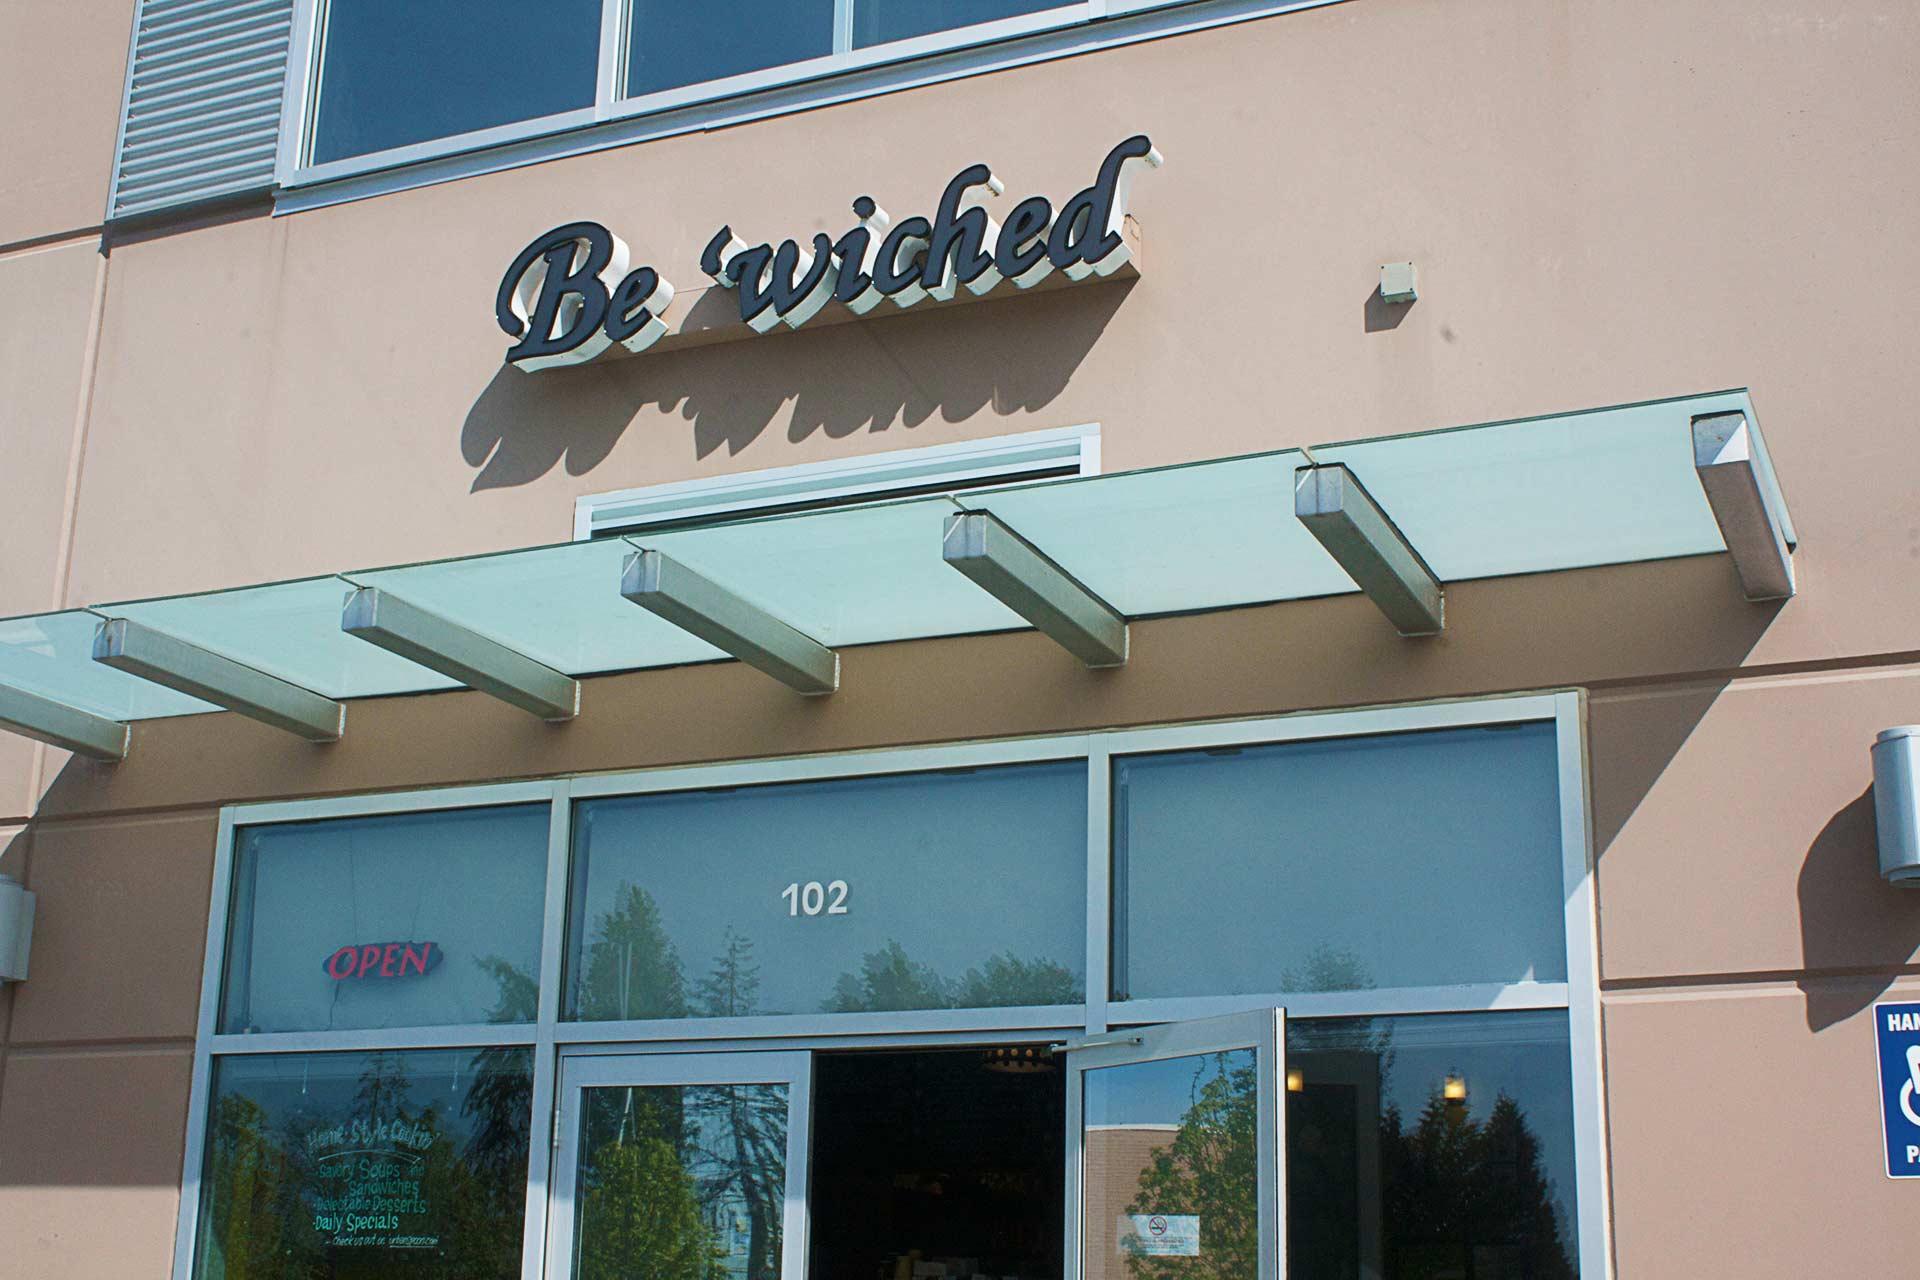 Breakfast Sandwich at Be'wich | tryhiddengems.com